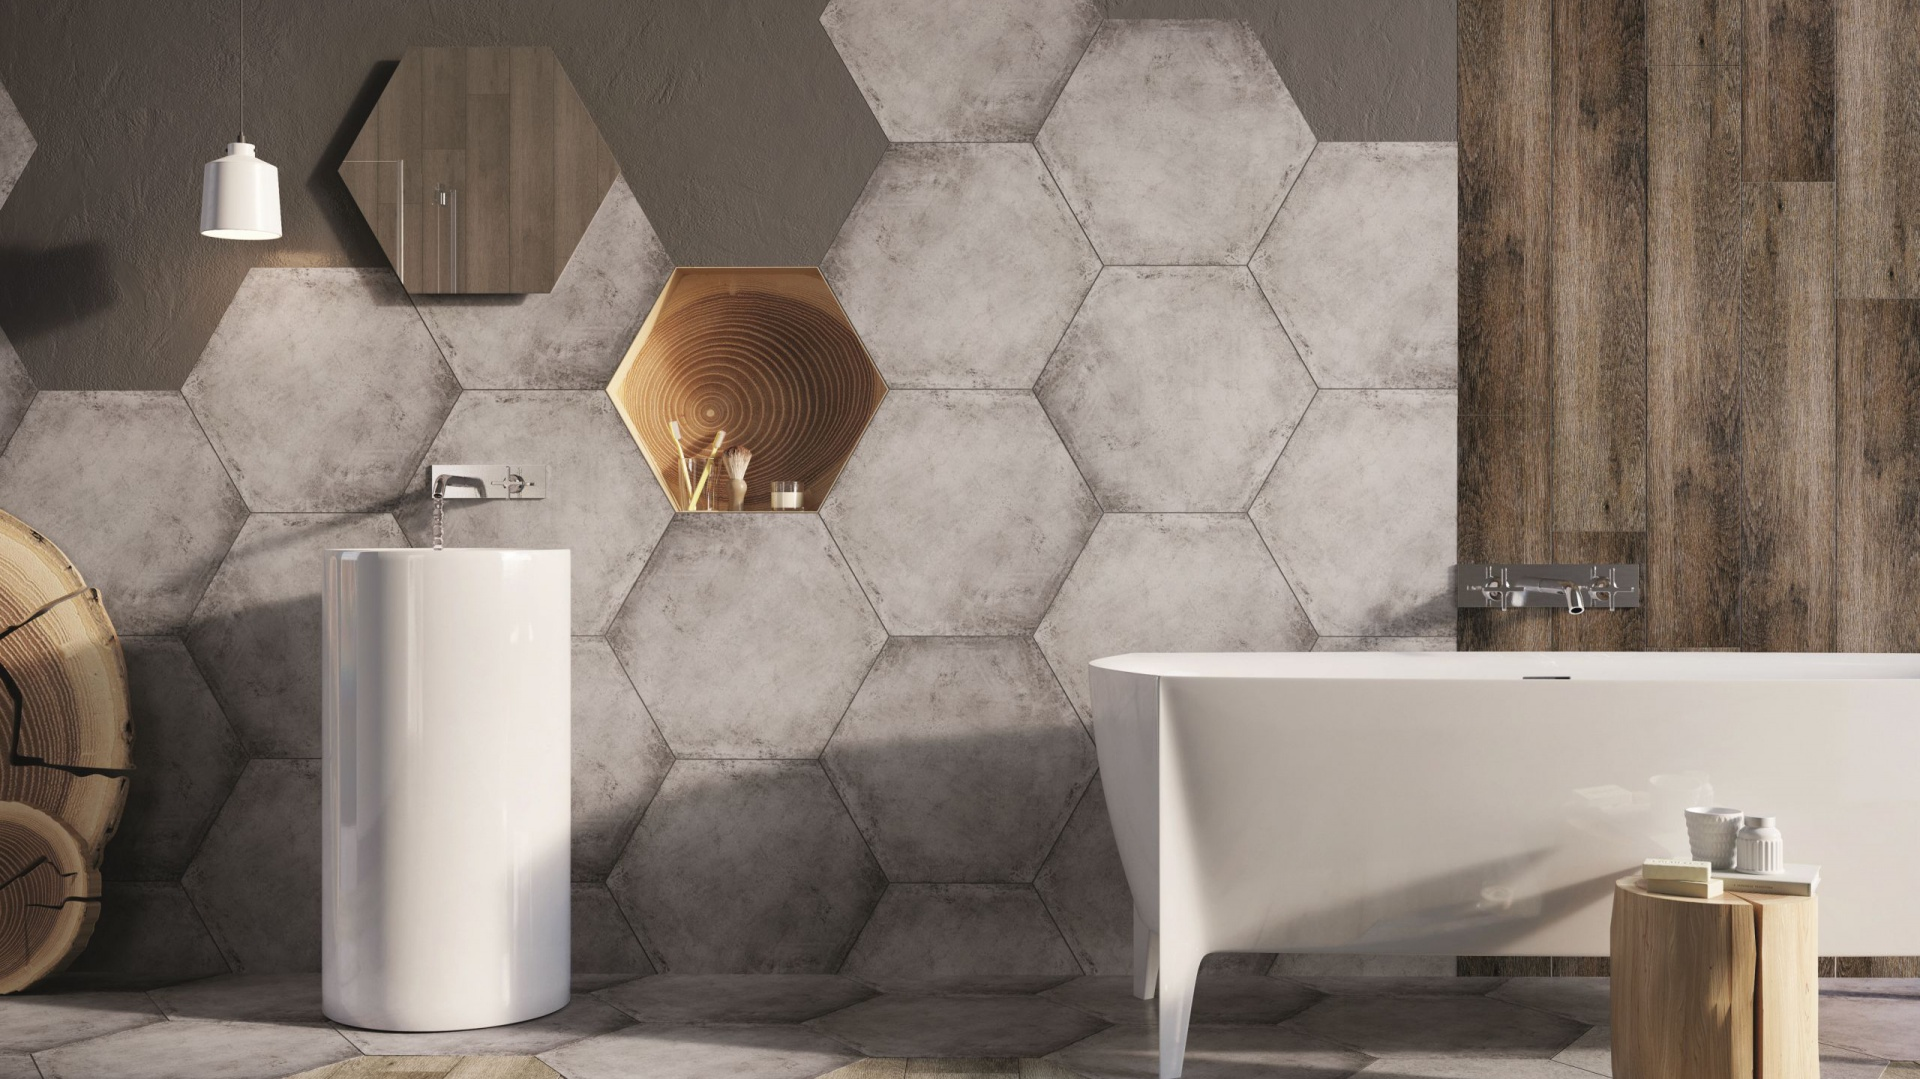 Płytki gresowe z kolekcji HEXON o supermodnym heksagonalnym kształcie imitują beton. Na ściany i podłogi; wymiary 60x52 cm. 149 zł/m². Fot. Ceramstic